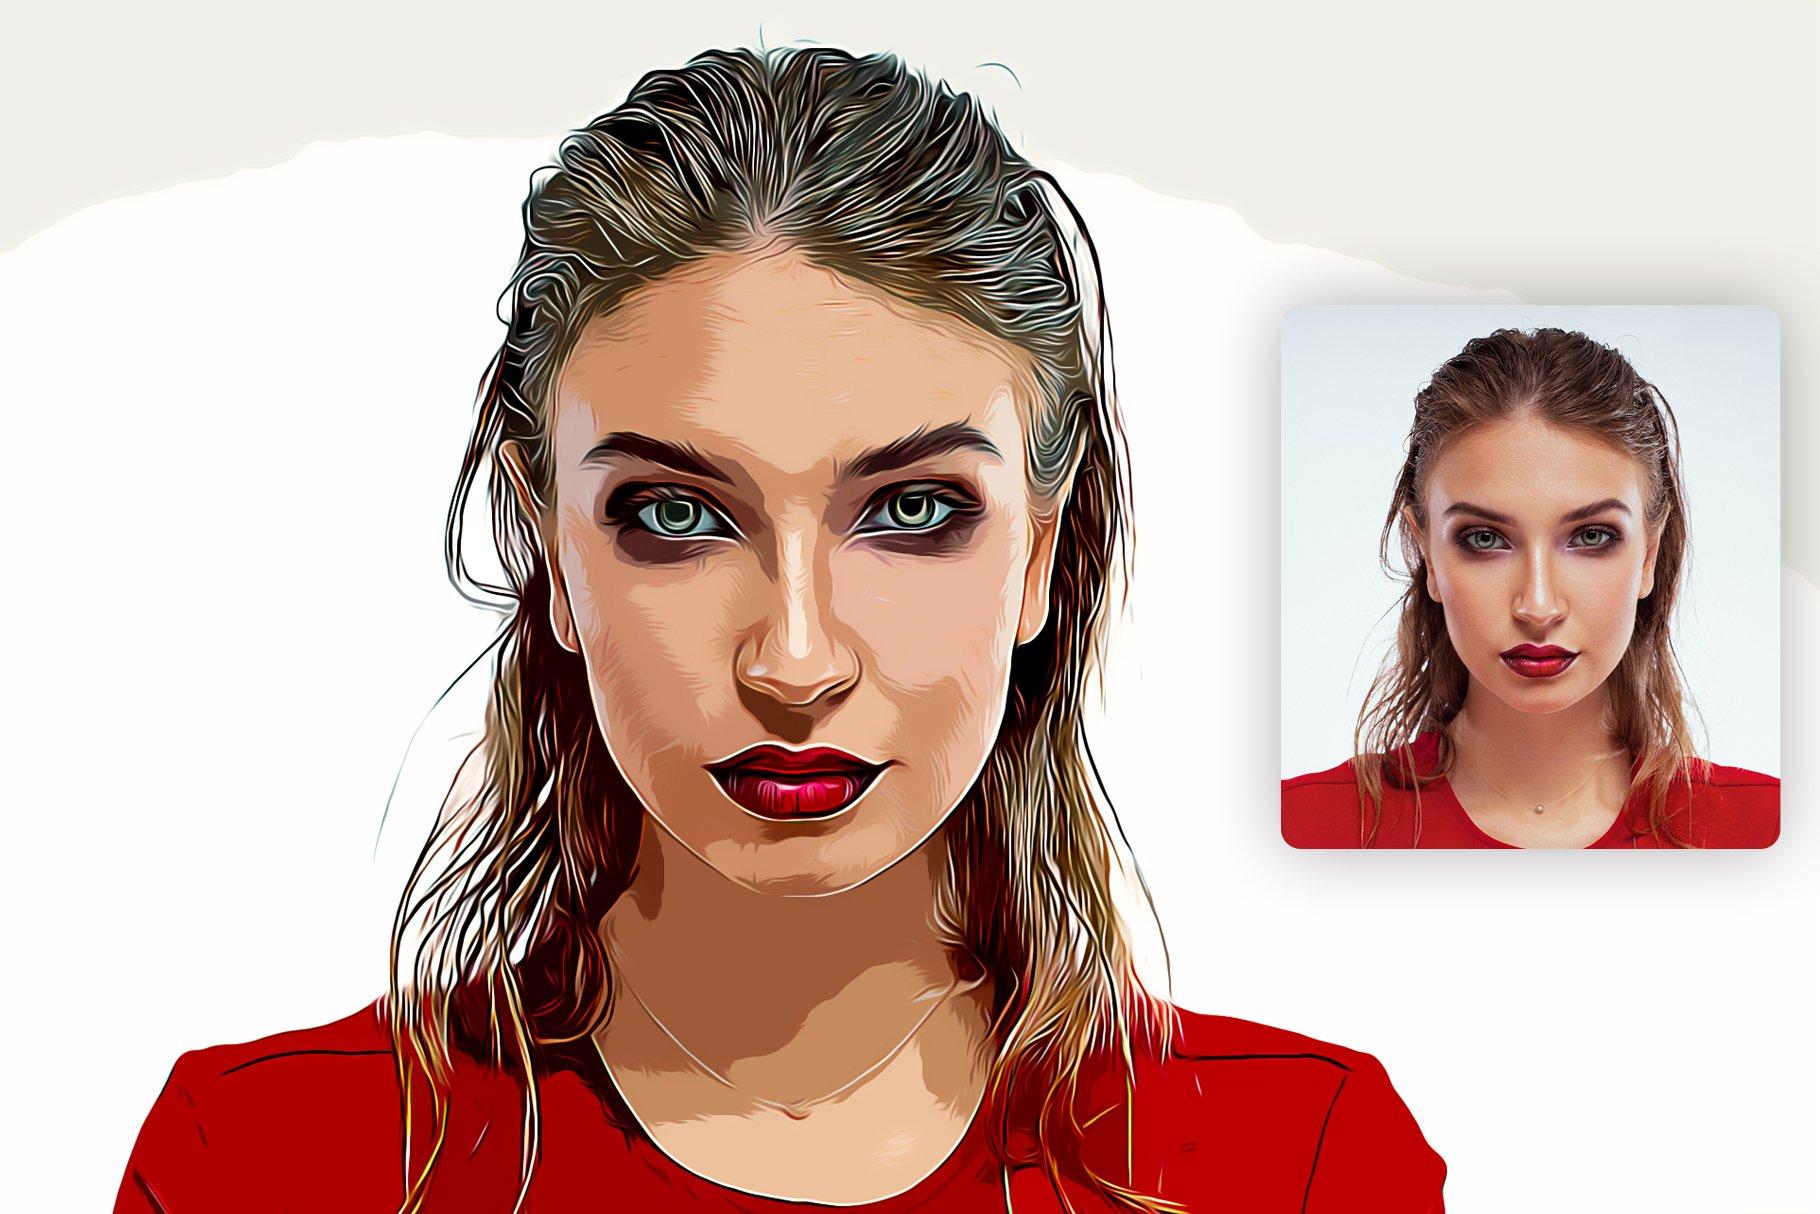 逼真油画艺术绘画效果照片处理特效PS动作模板 Cartoon Oil Painting Photoshop FX插图2